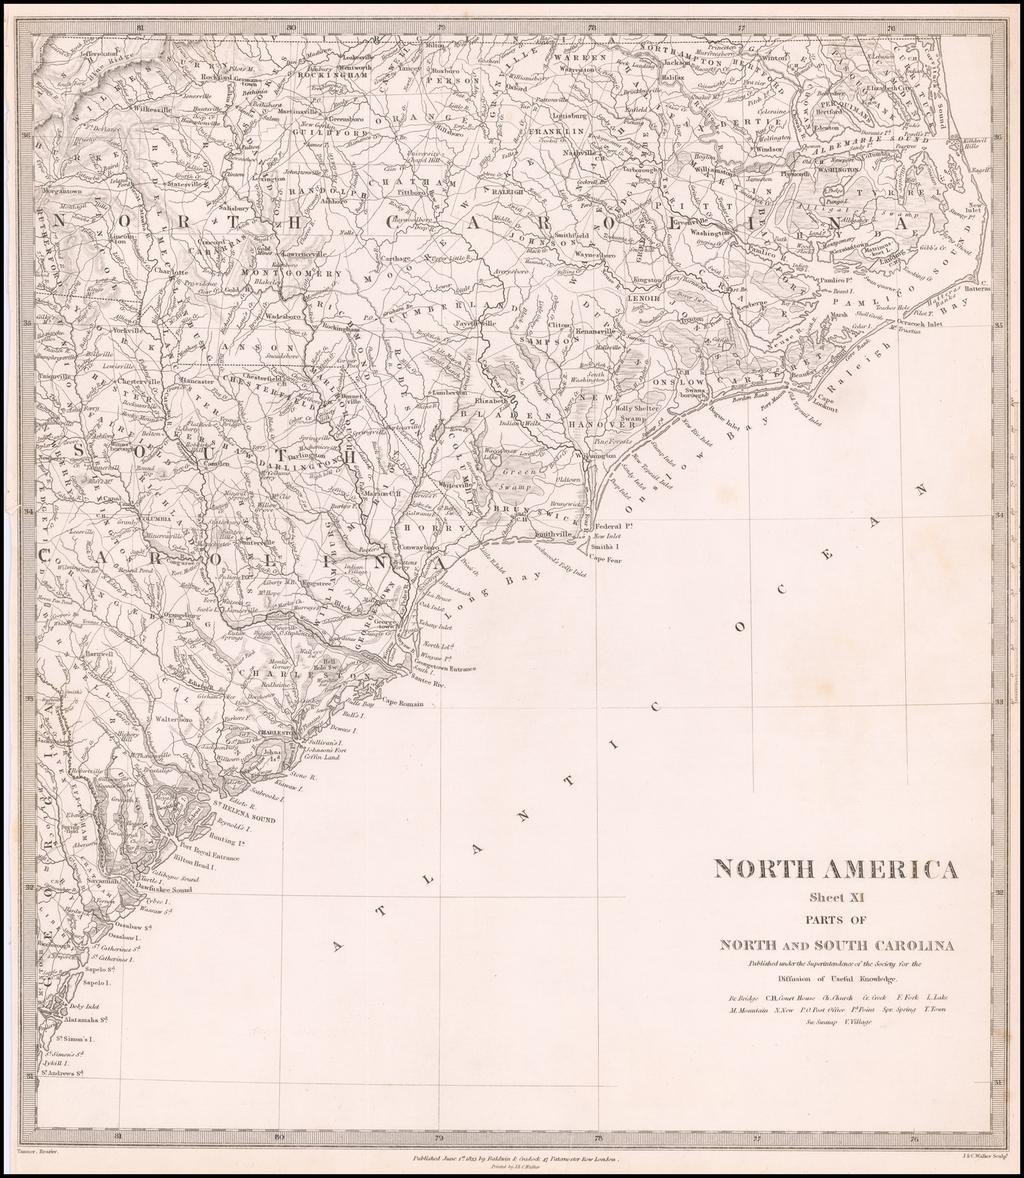 North America Sheet XI Parts of North and South Carolina By SDUK